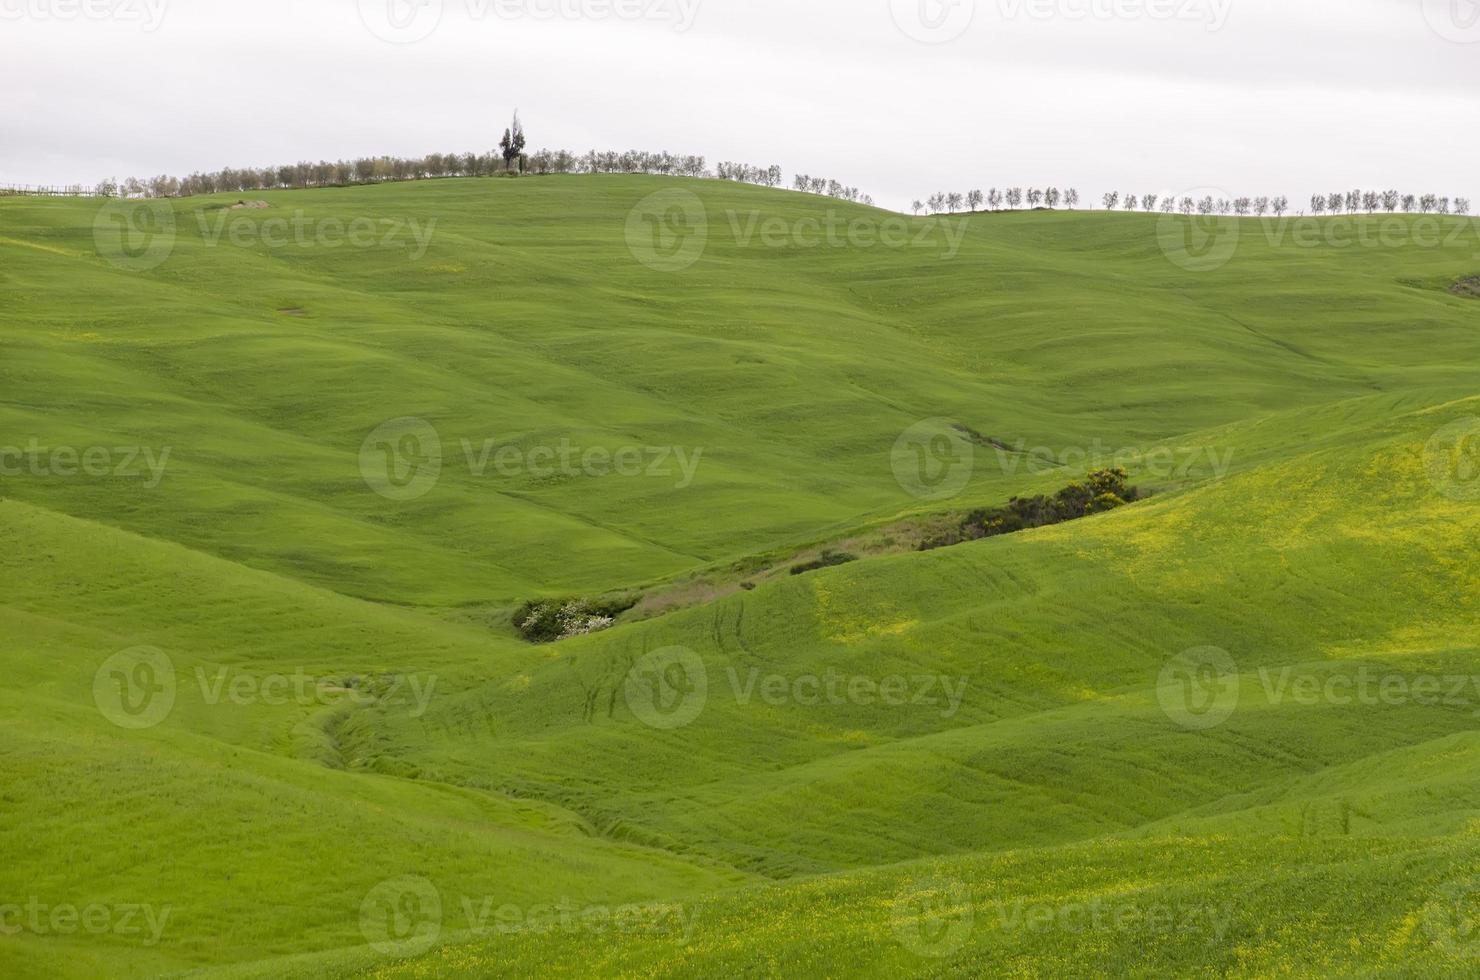 paesaggio toscano foto